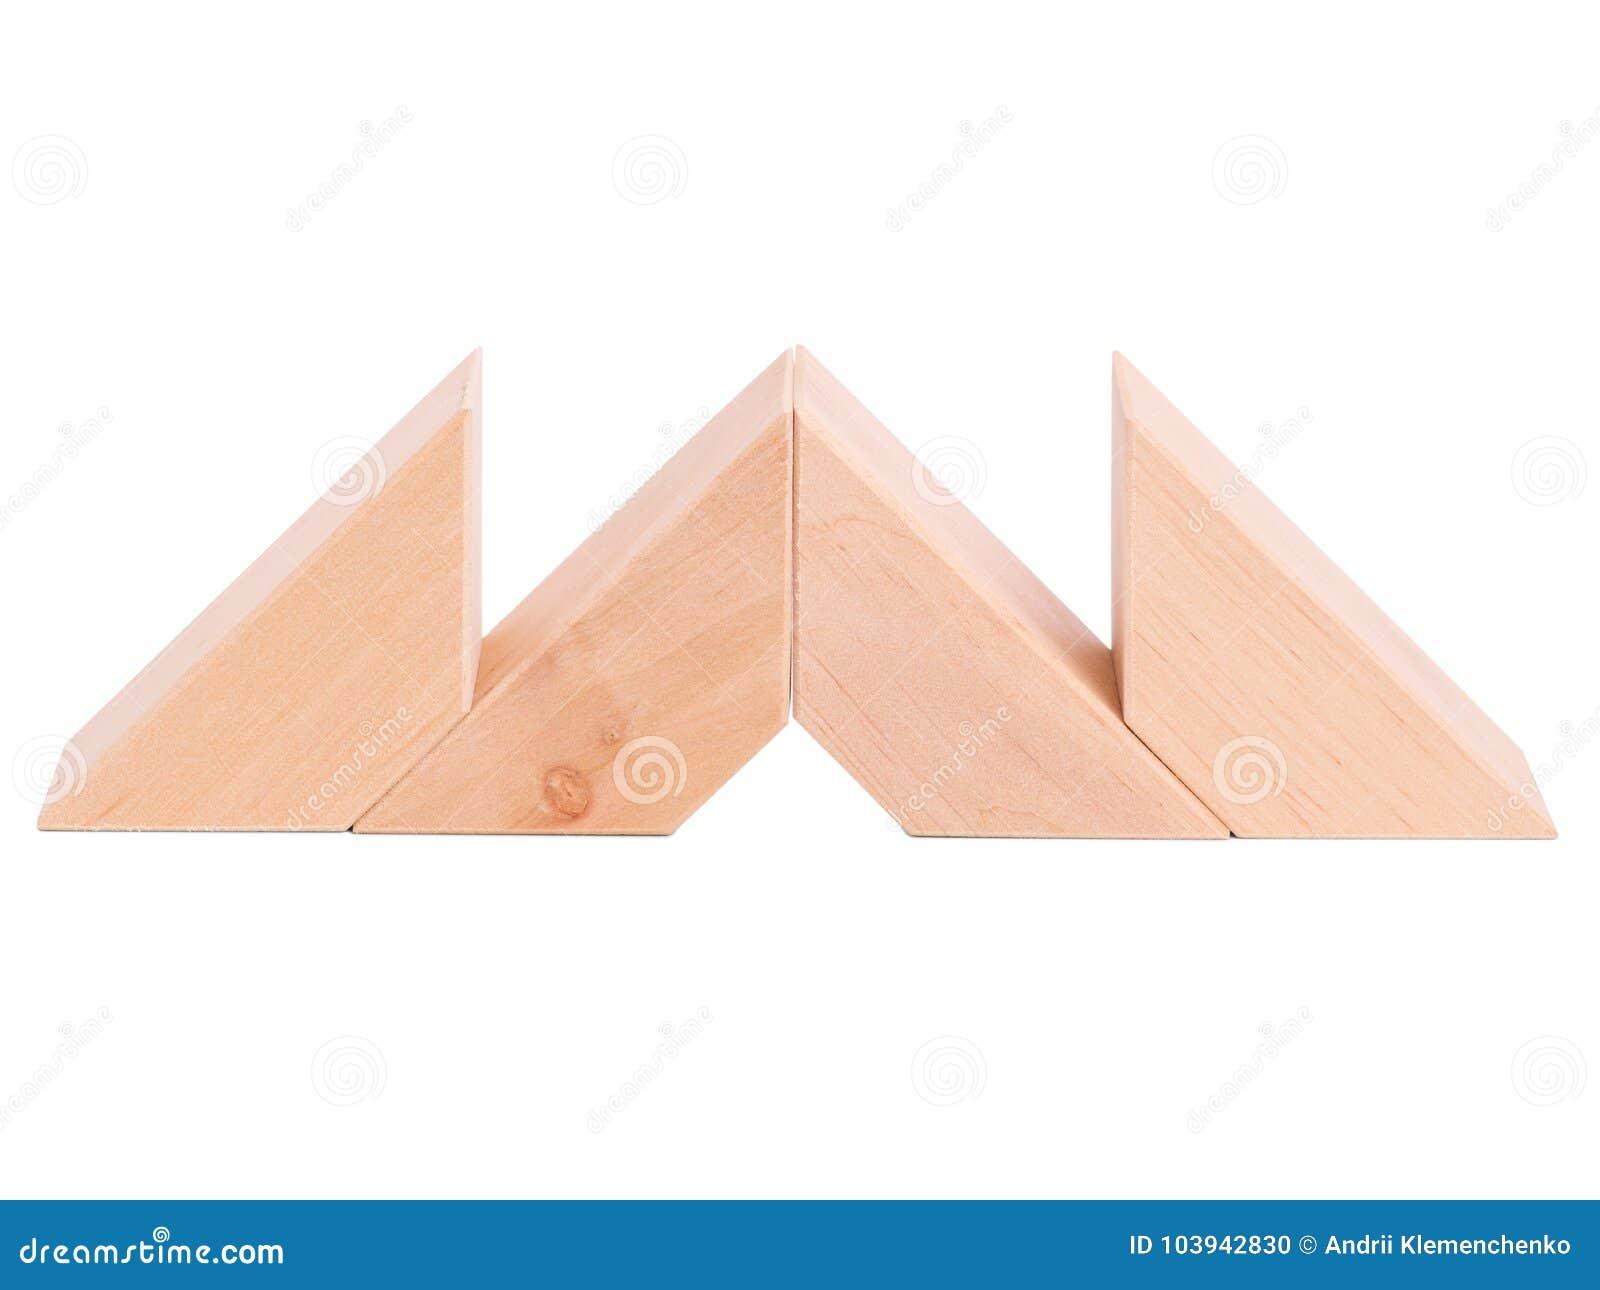 Houten piramide voor kindontwikkeling in wit geïsoleerde achtergrond